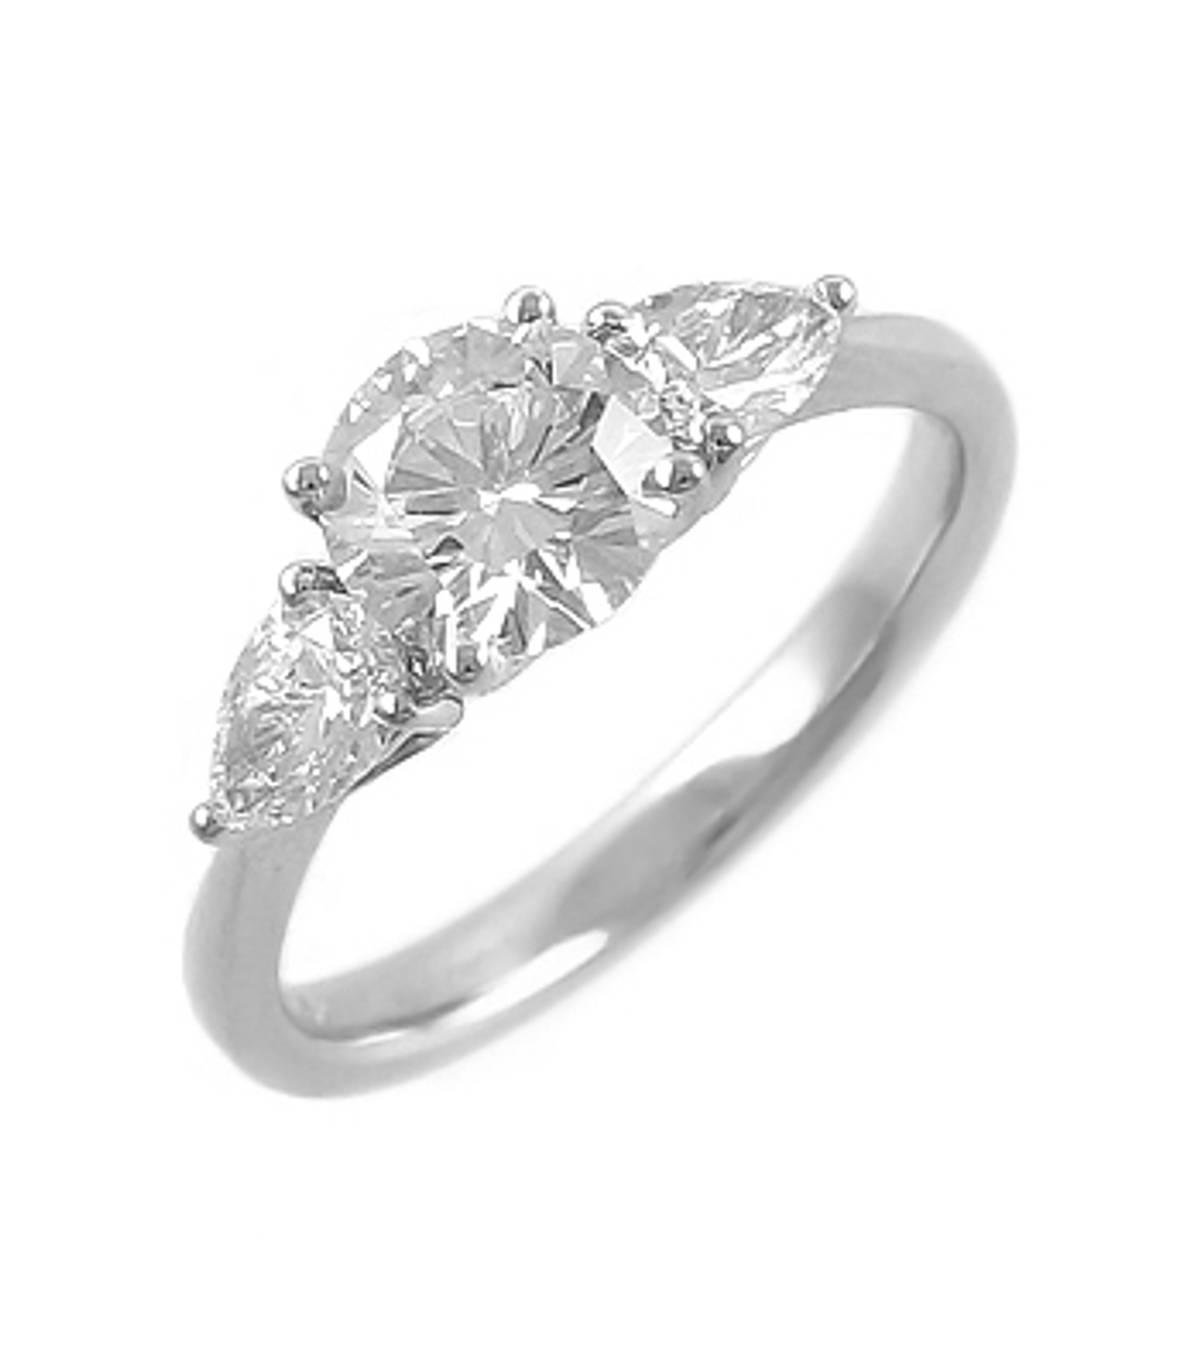 3 STONE DIAMOND RING 18k white gold 3st brilliant cut & pearshape diamond ringDETAILSbrilliant cut diamond weight 0.67ctspearshape diamond total weight 0.41cts